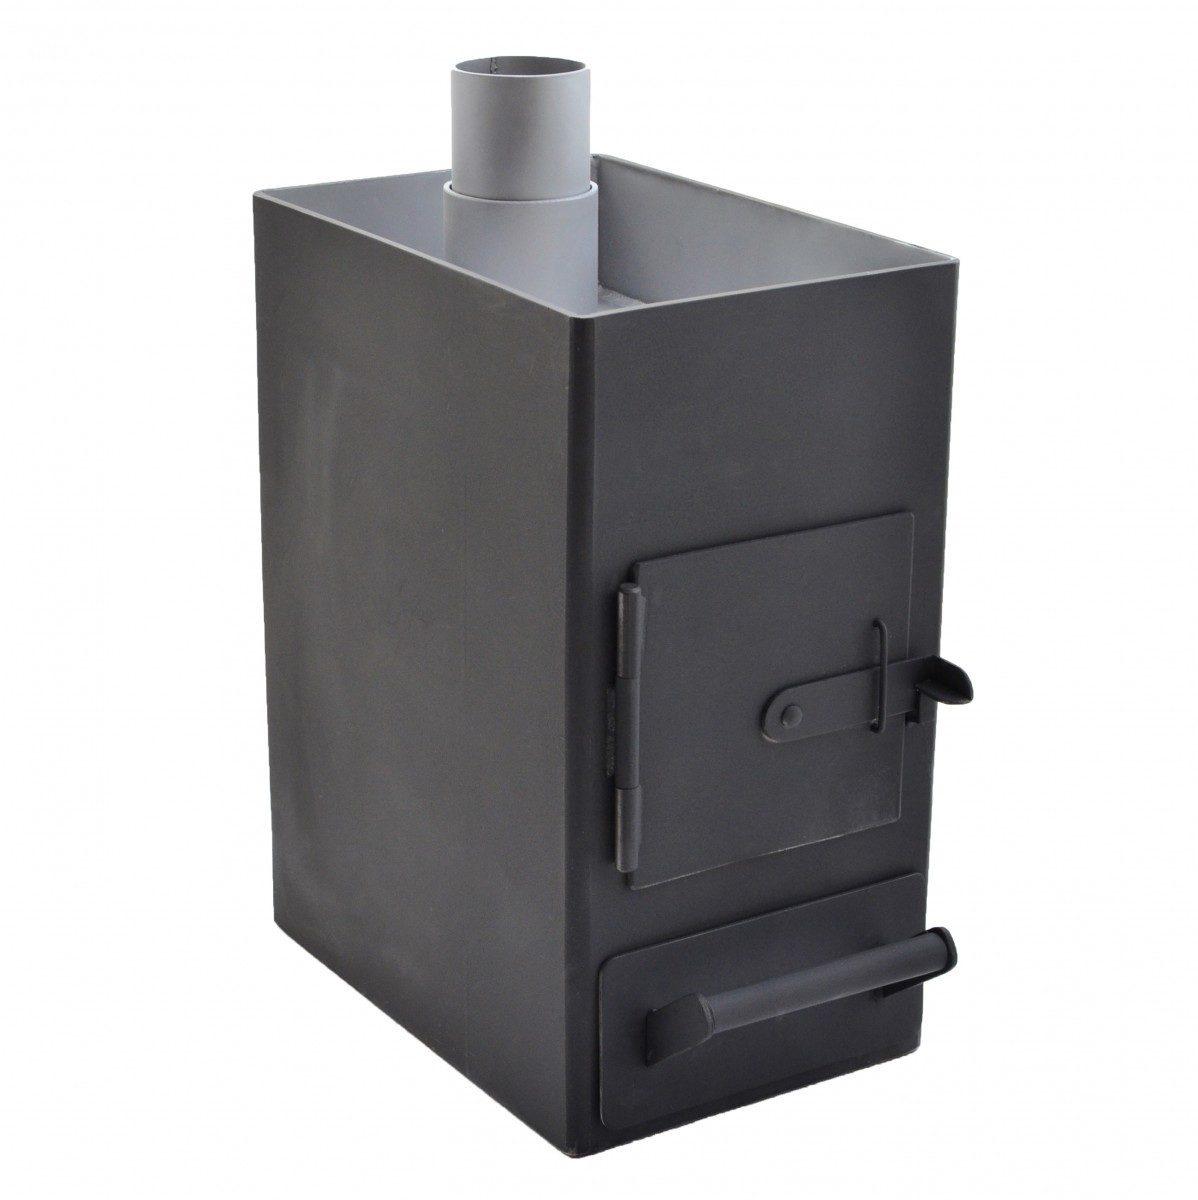 Котел для бани своими руками: из металла, с баком для воды, как правильно установить чертежи